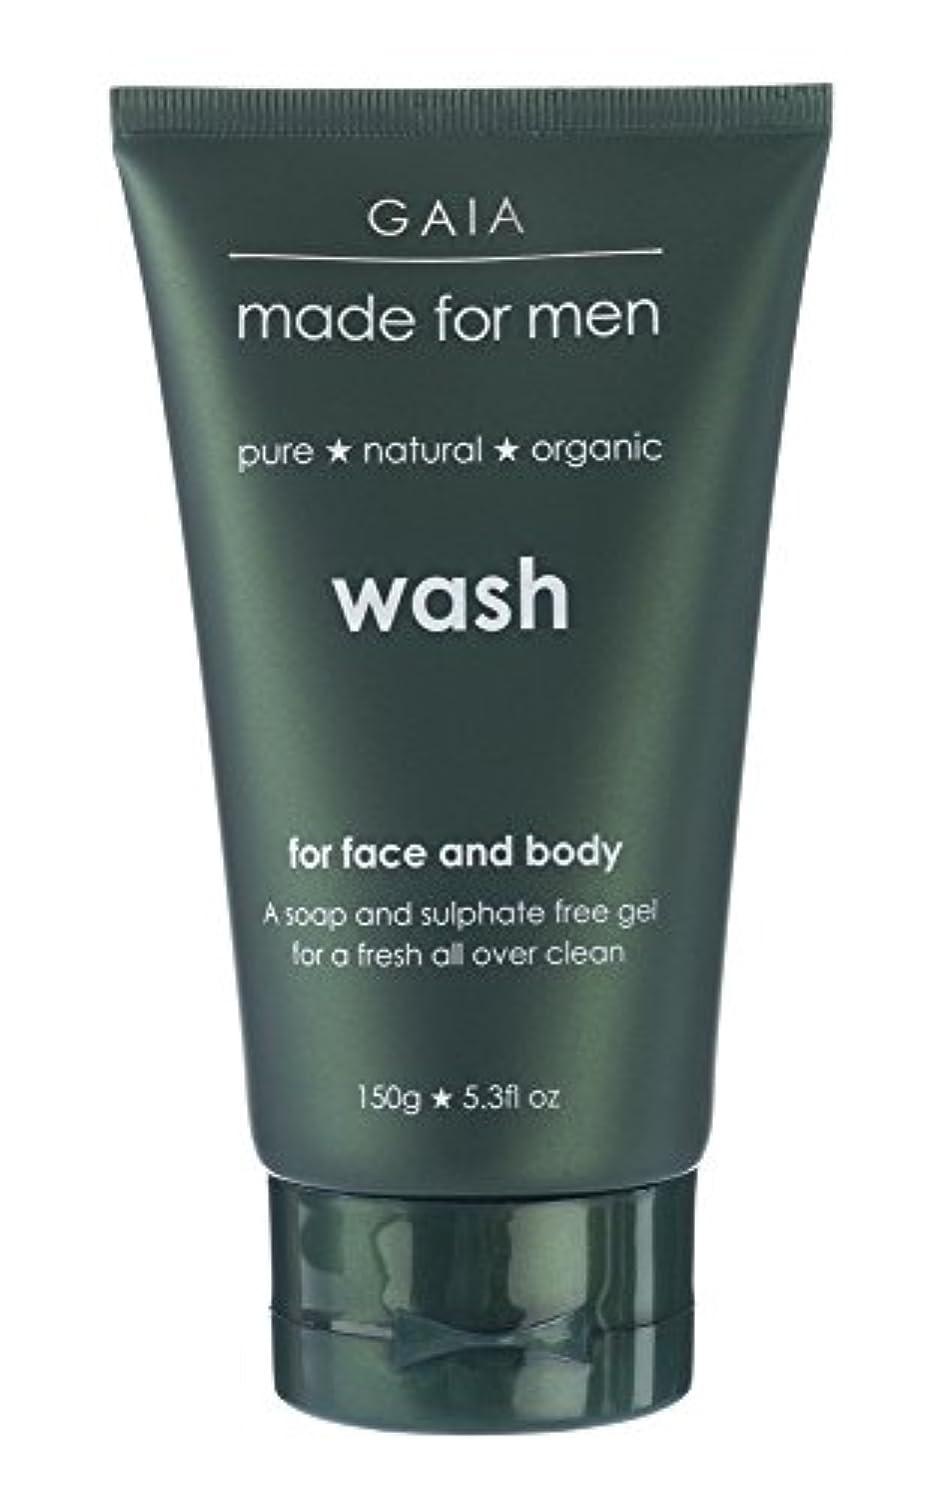 霊怒っているサスペンション【GAIA】Face & Body Wash made for men ガイア メンズ フェイス&ボディウォッシュ 150g